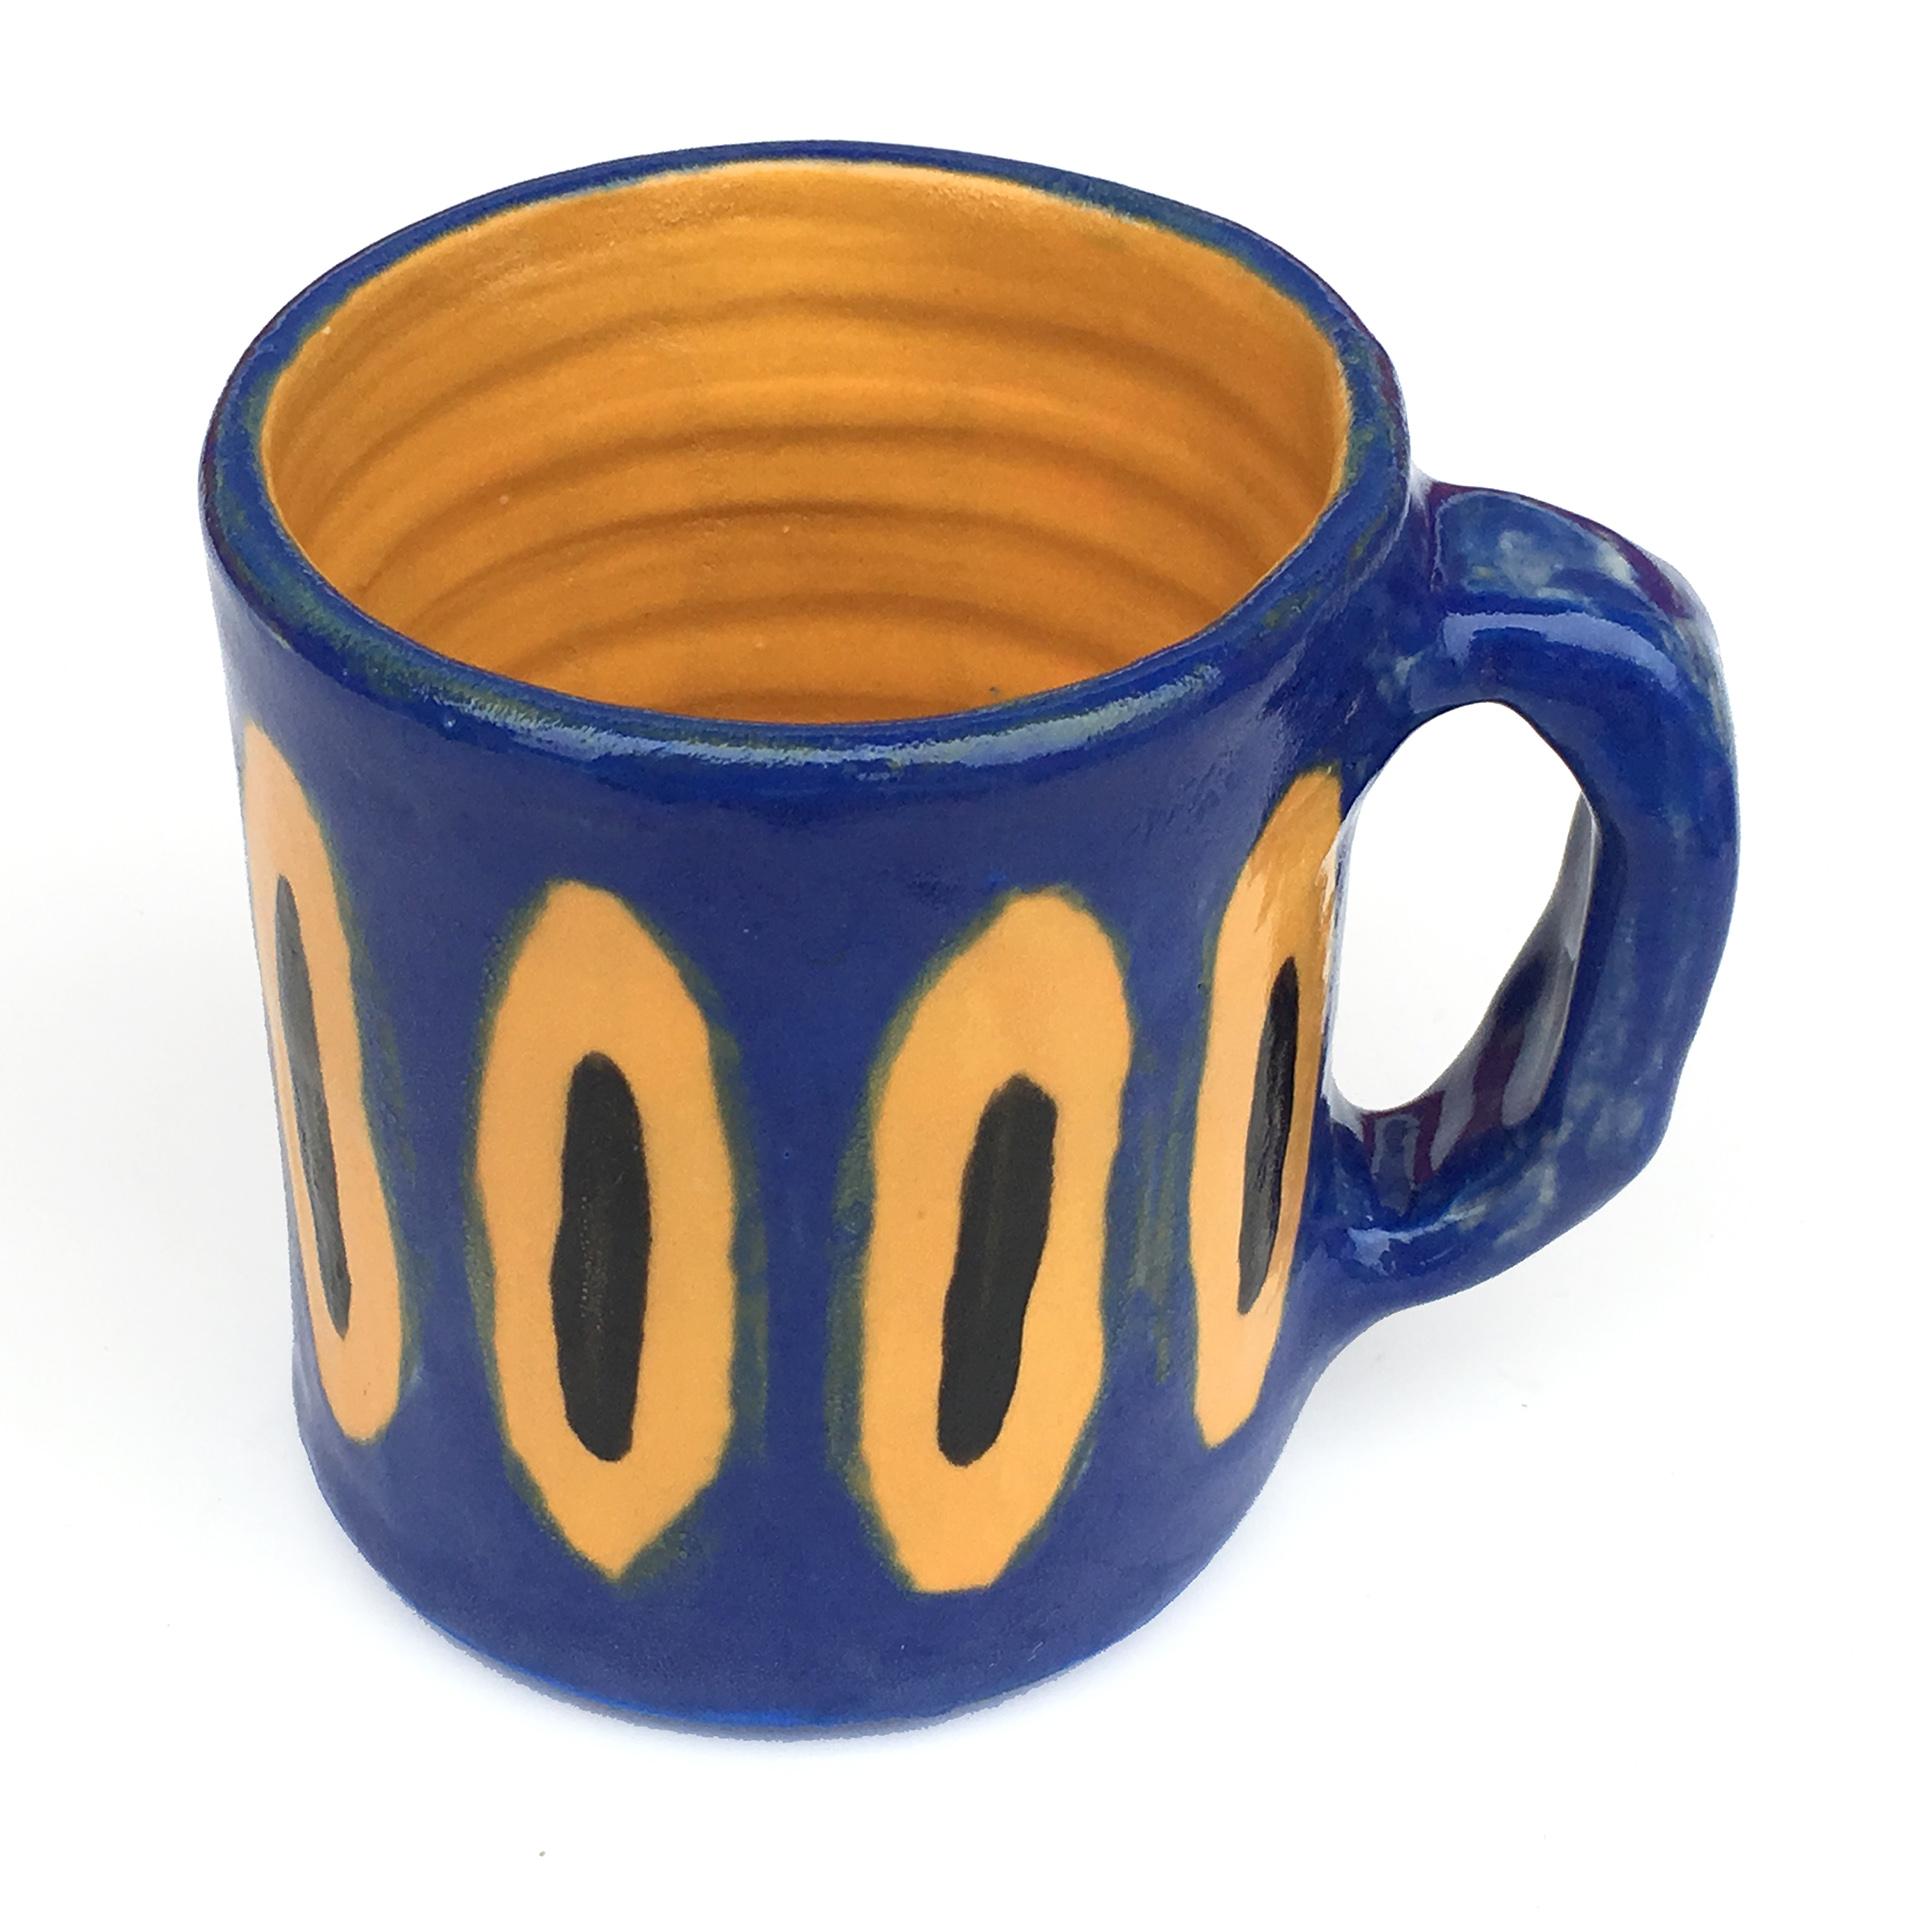 Mug2_1.jpg